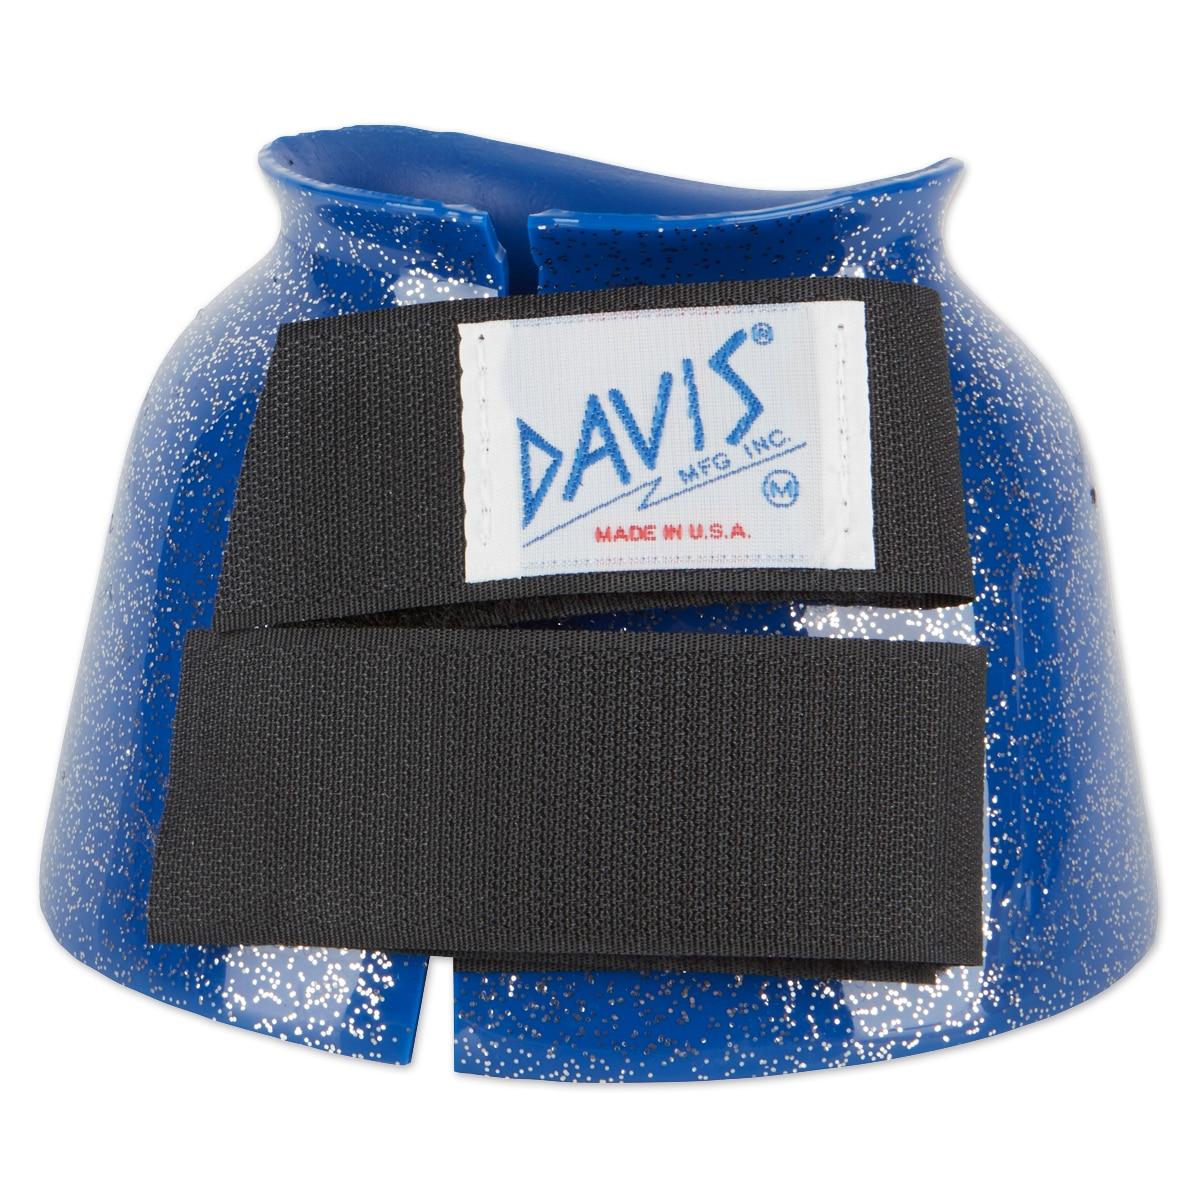 Davis Bell Boots Navy L